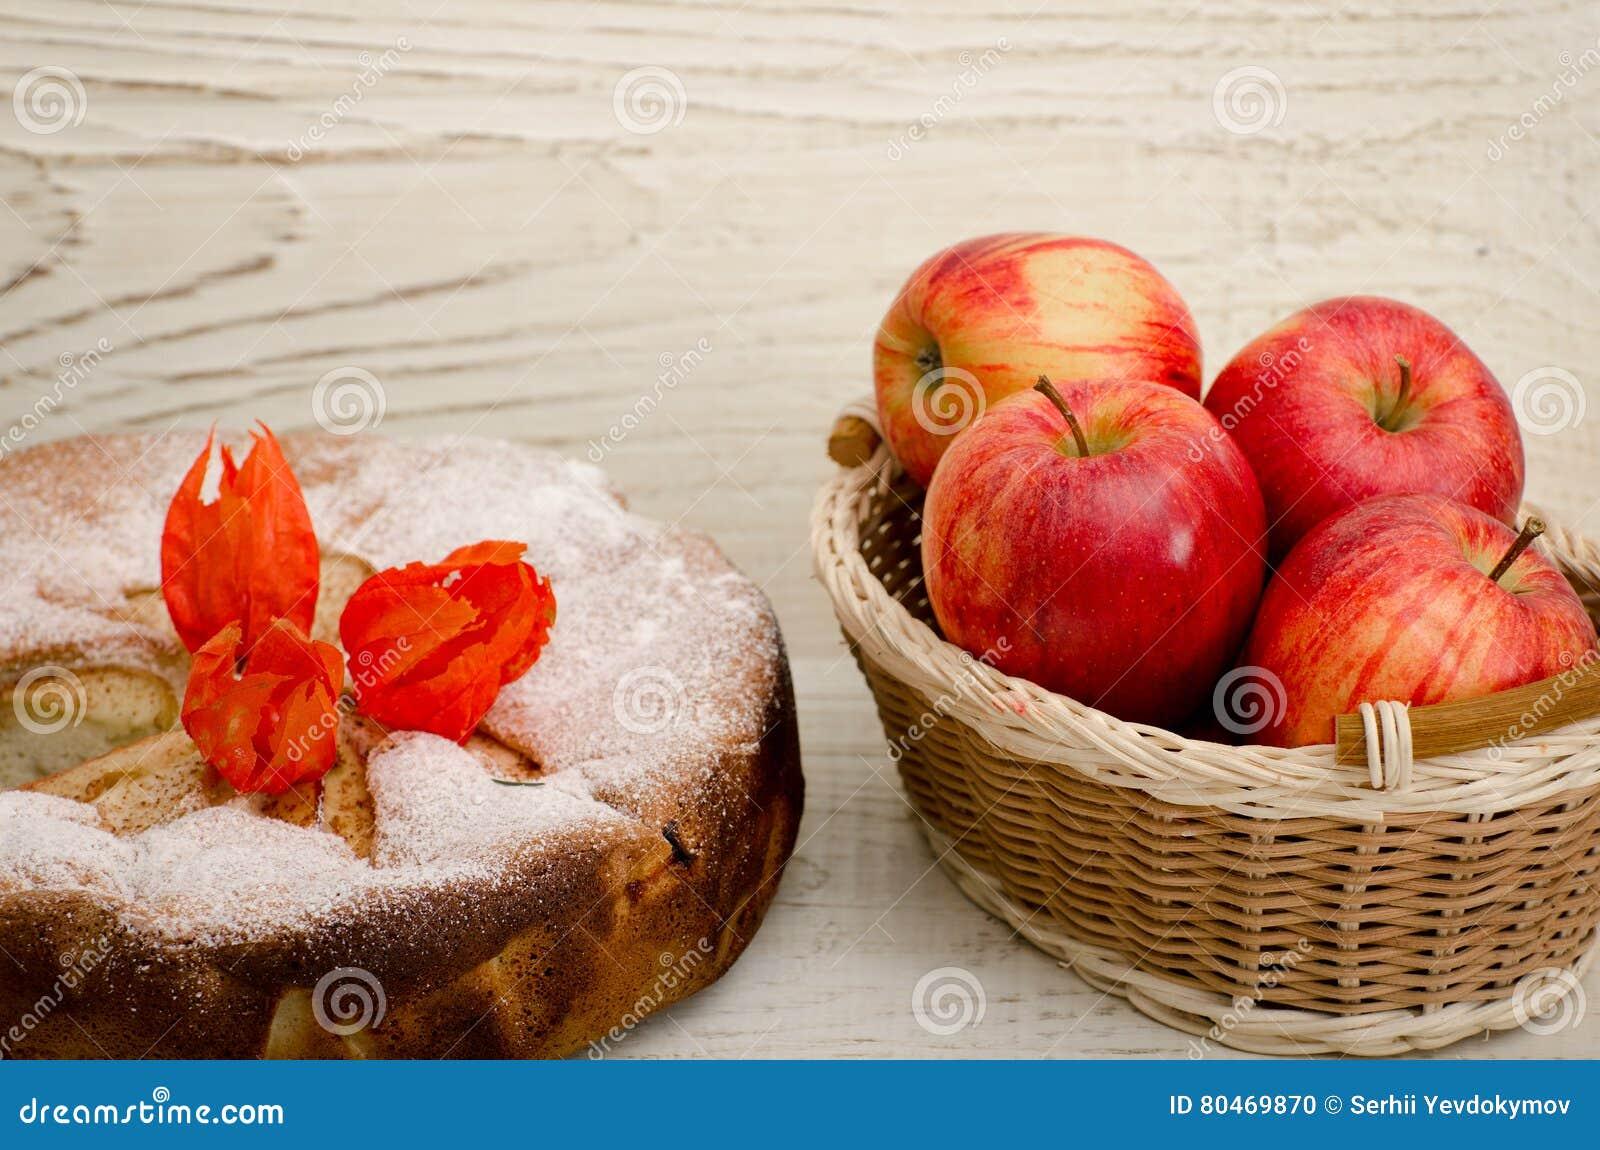 Fleurs De Tarte Aux Pommes De Physalis Et Pommes Mures Sur Une